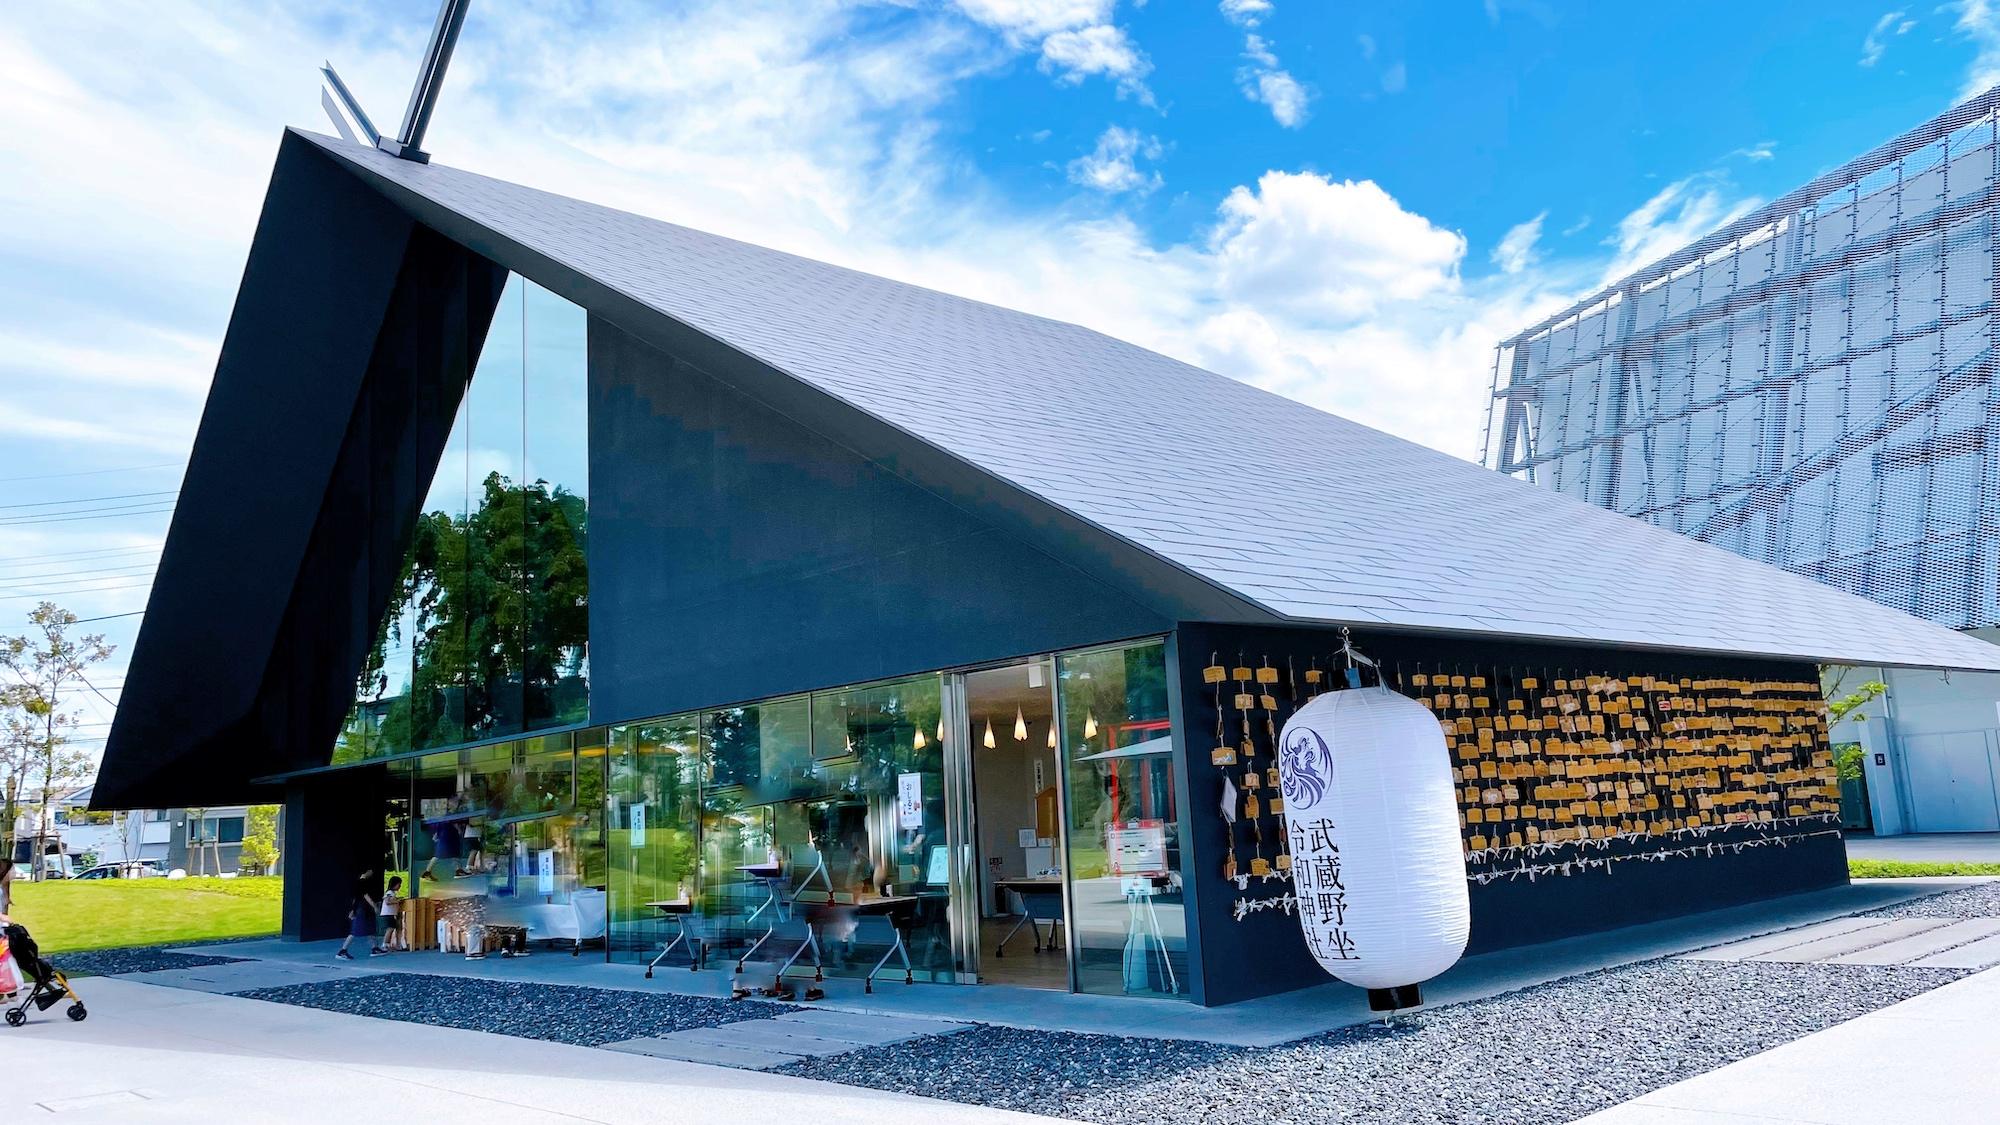 角川武蔵野ミュージアム周辺で、大人も楽しめる観光スポット周遊♪_5